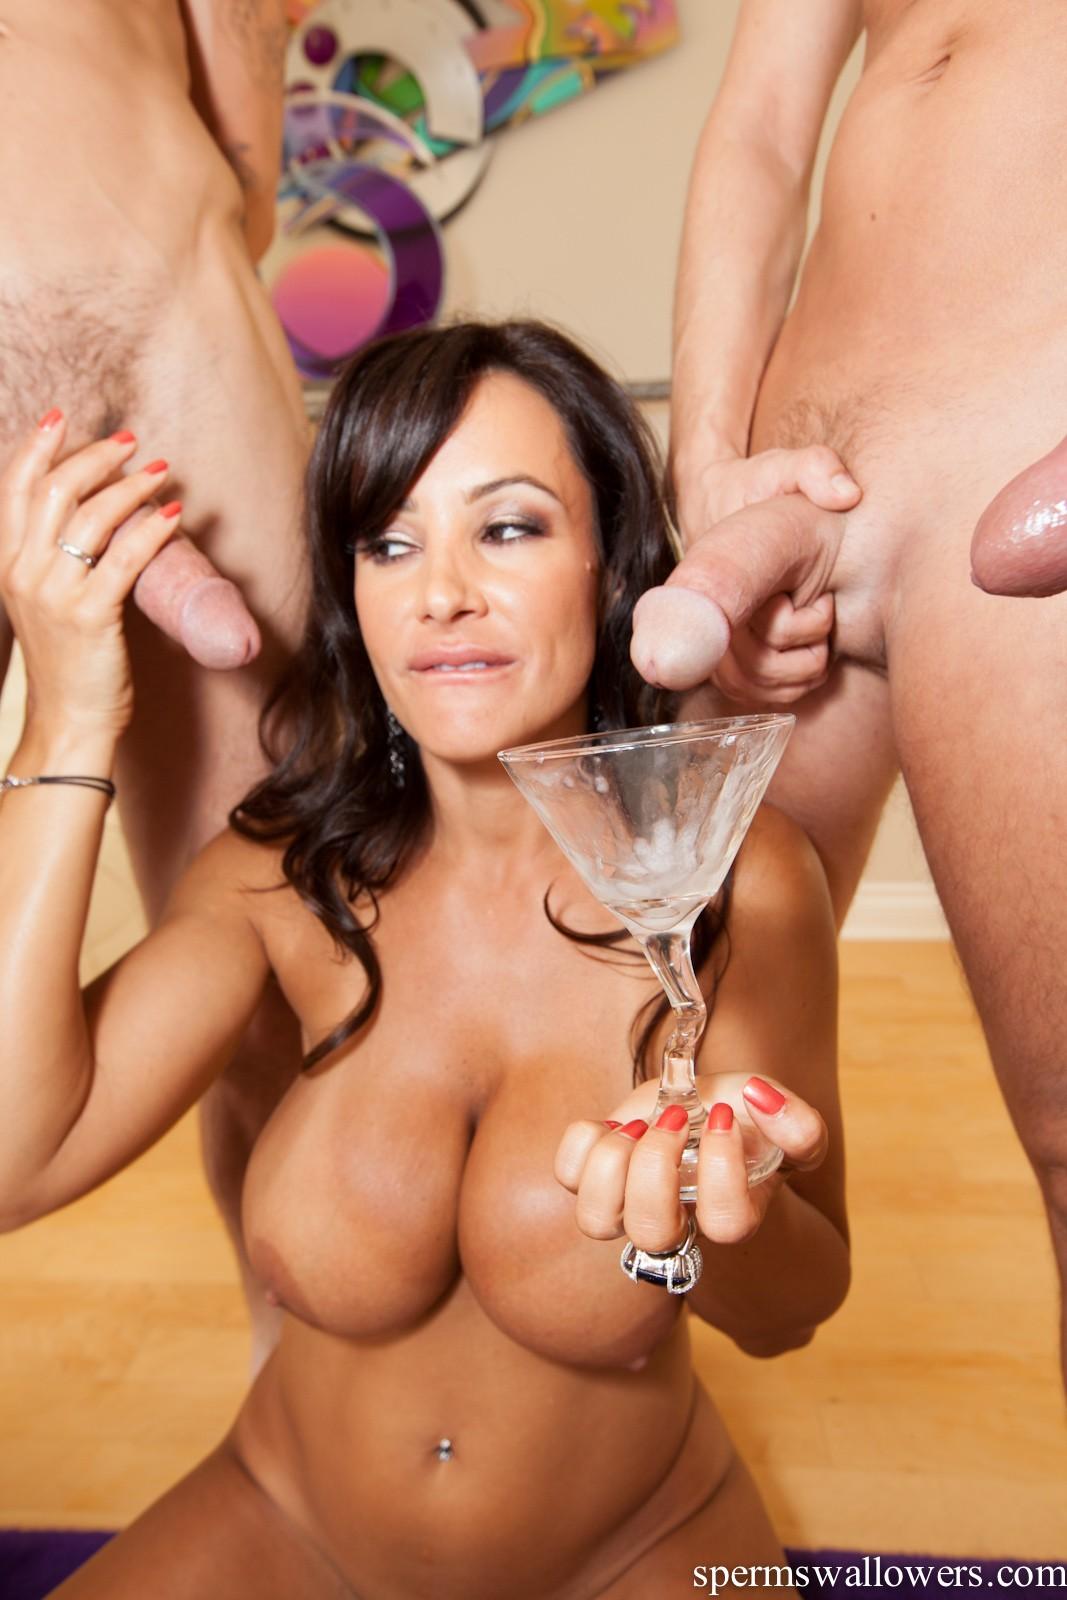 Лиза энн сперма, порно видео жену при муже группой